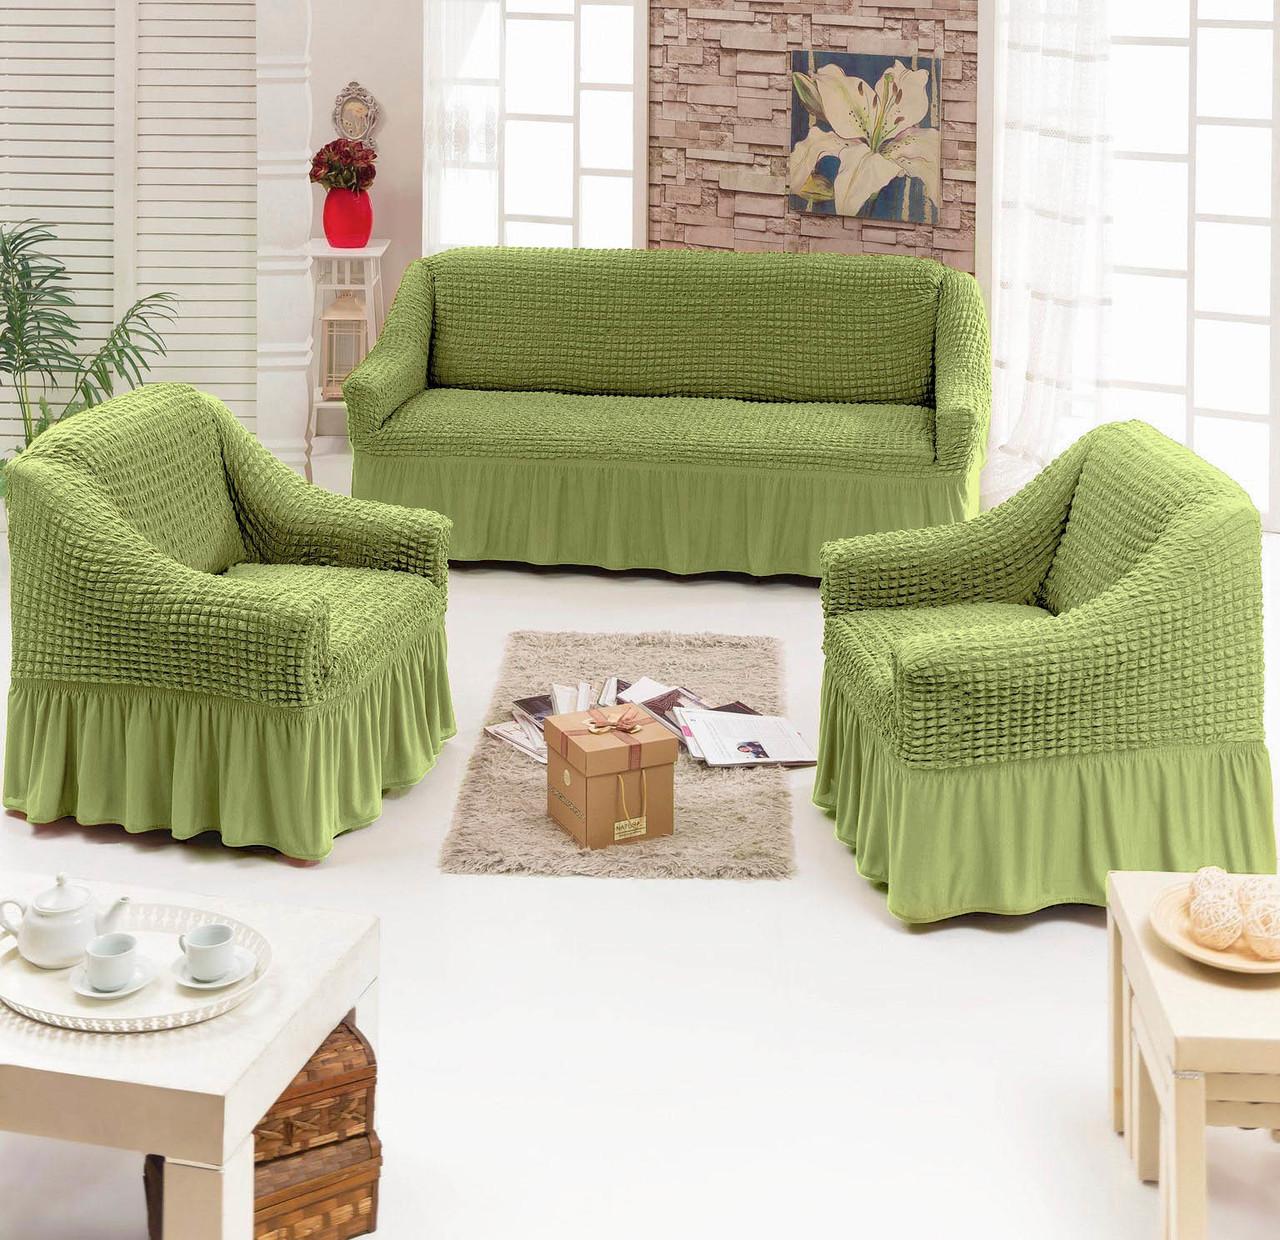 Натяжные чехлы на диван и 2 кресла, Турция, с оборкой (Большая палитра цветов)